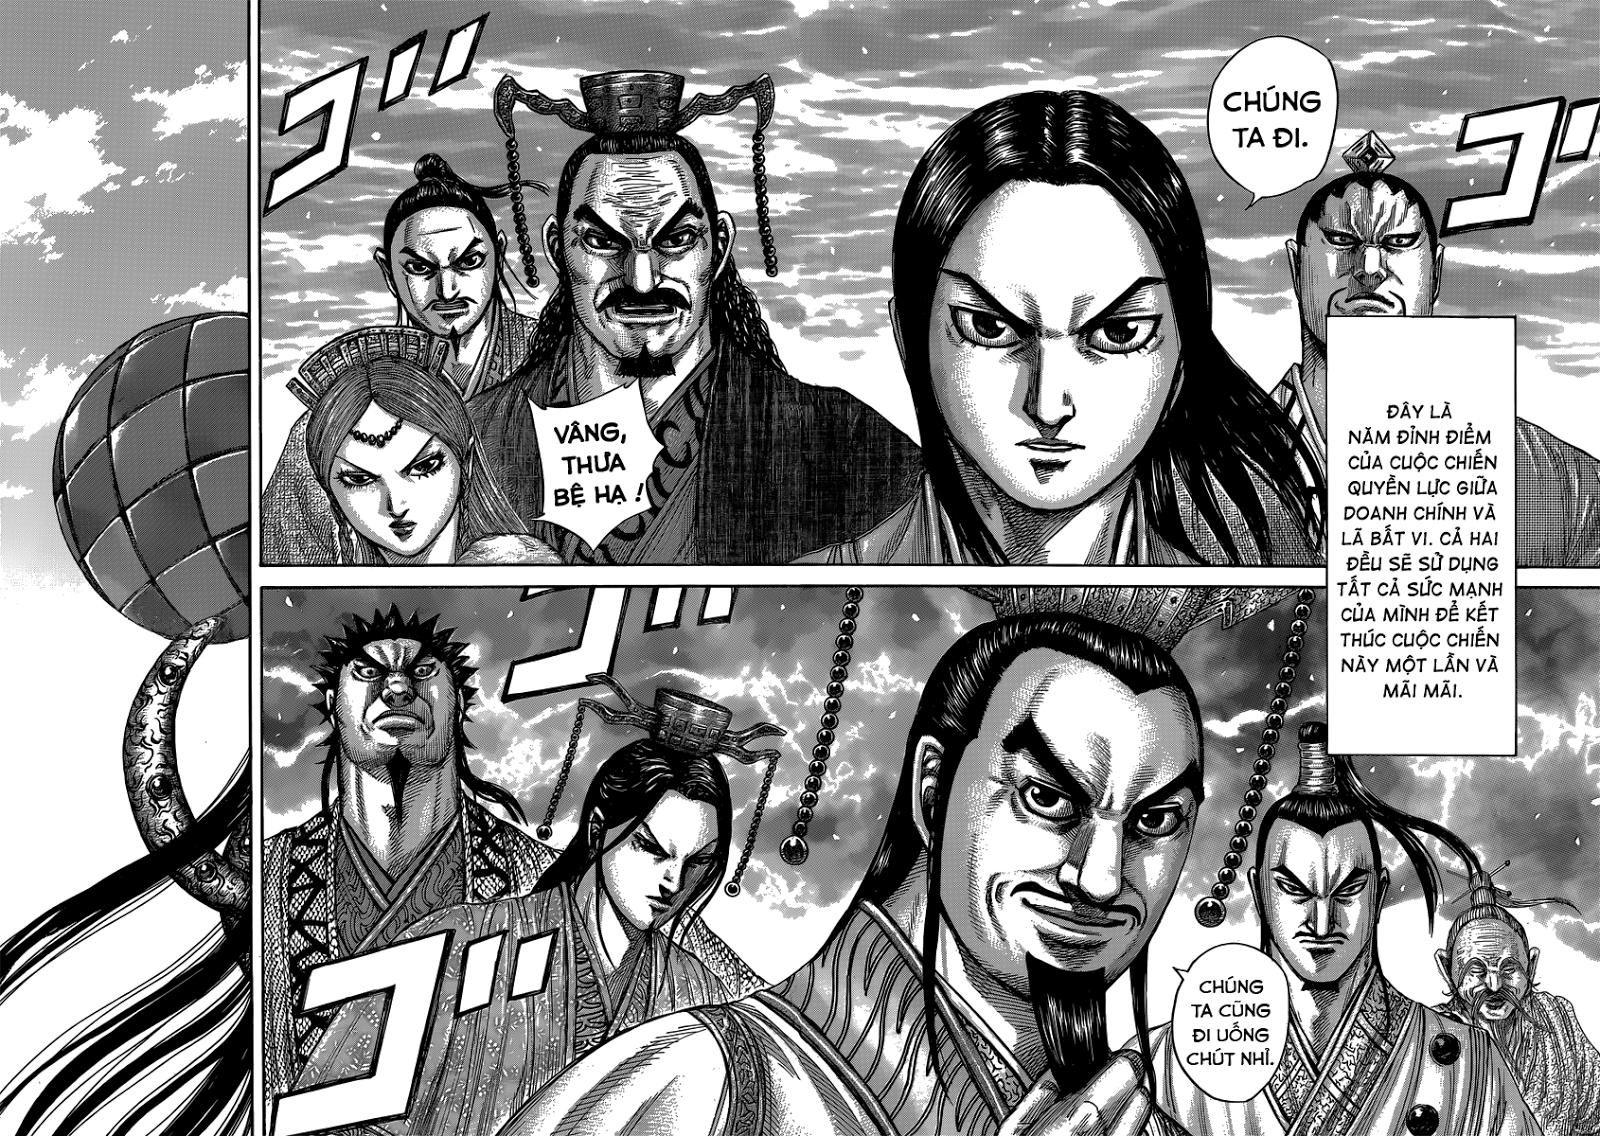 Kingdom - Vương Giả Thiên Hạ Chapter 408 page 4 - IZTruyenTranh.com